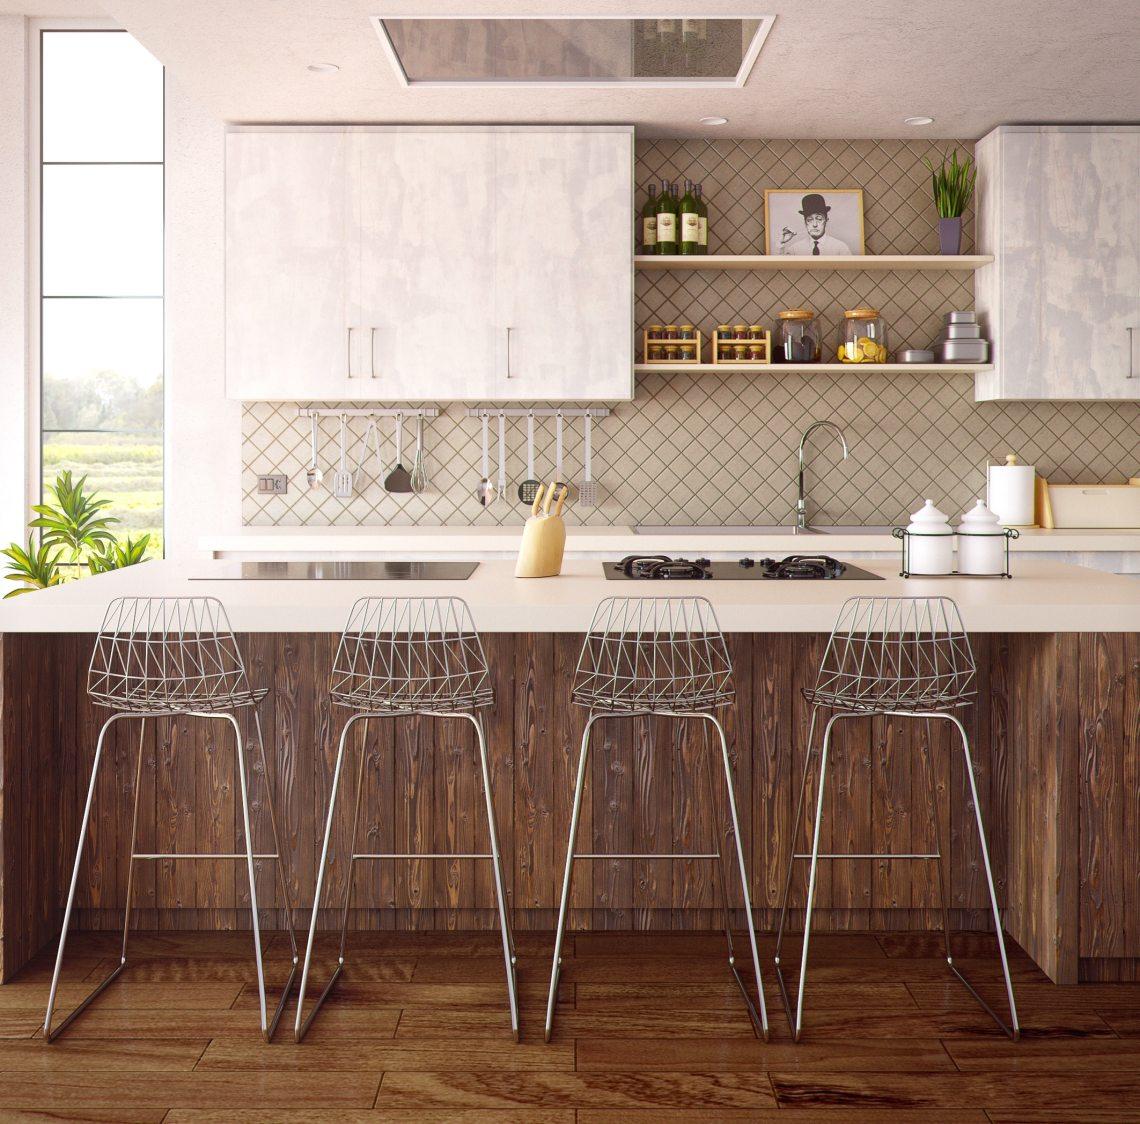 architecture-backsplash-cabinets-279648